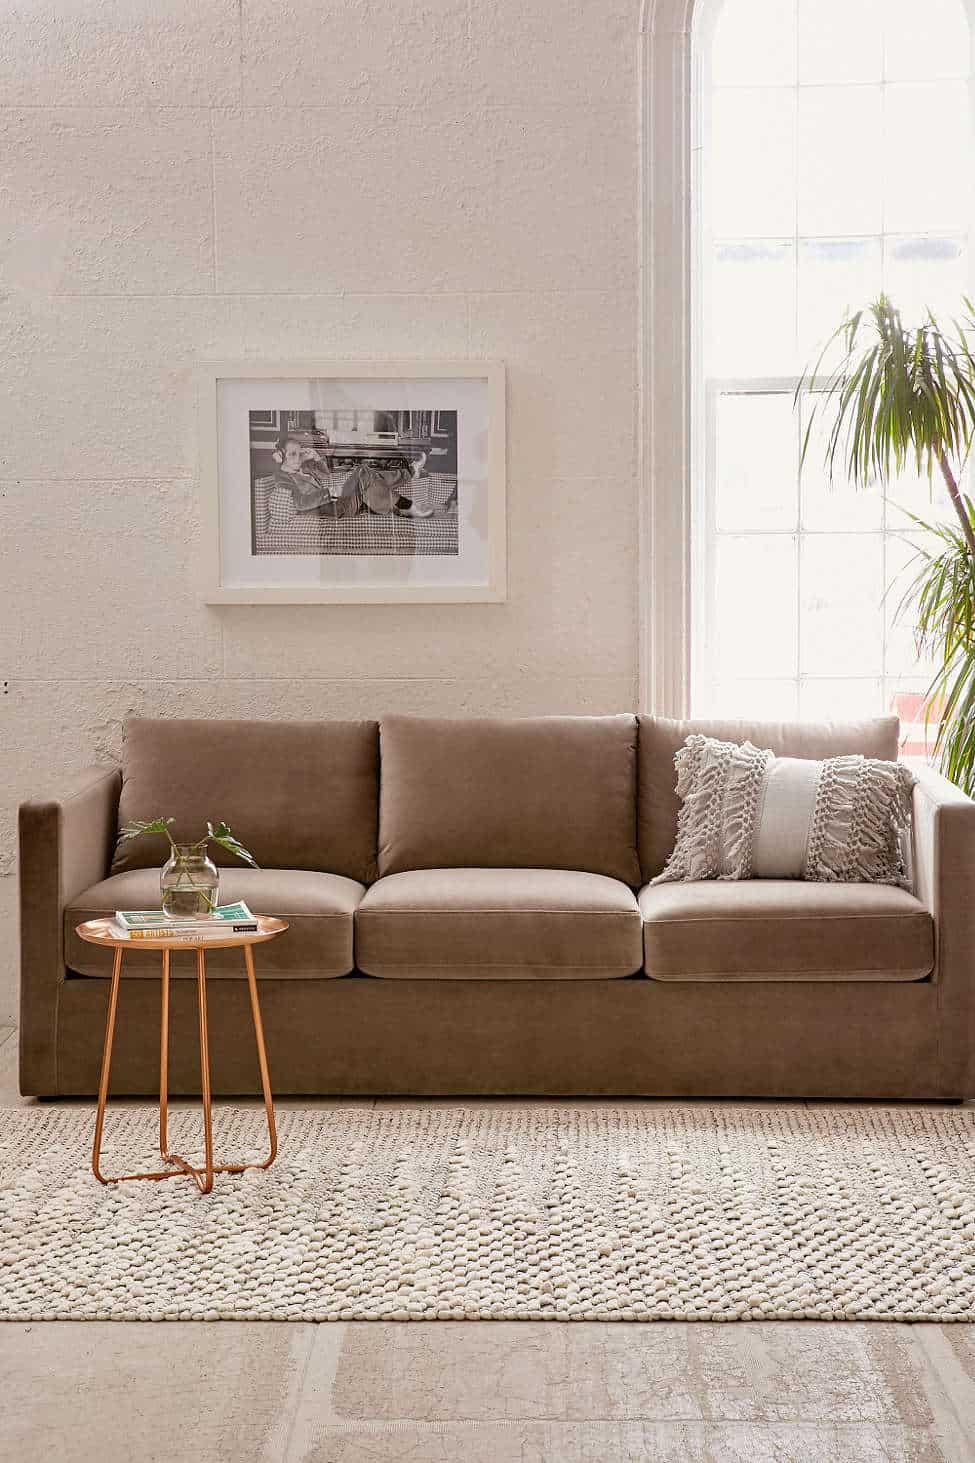 Melanie Velvet Sofa from Urban Outfitters